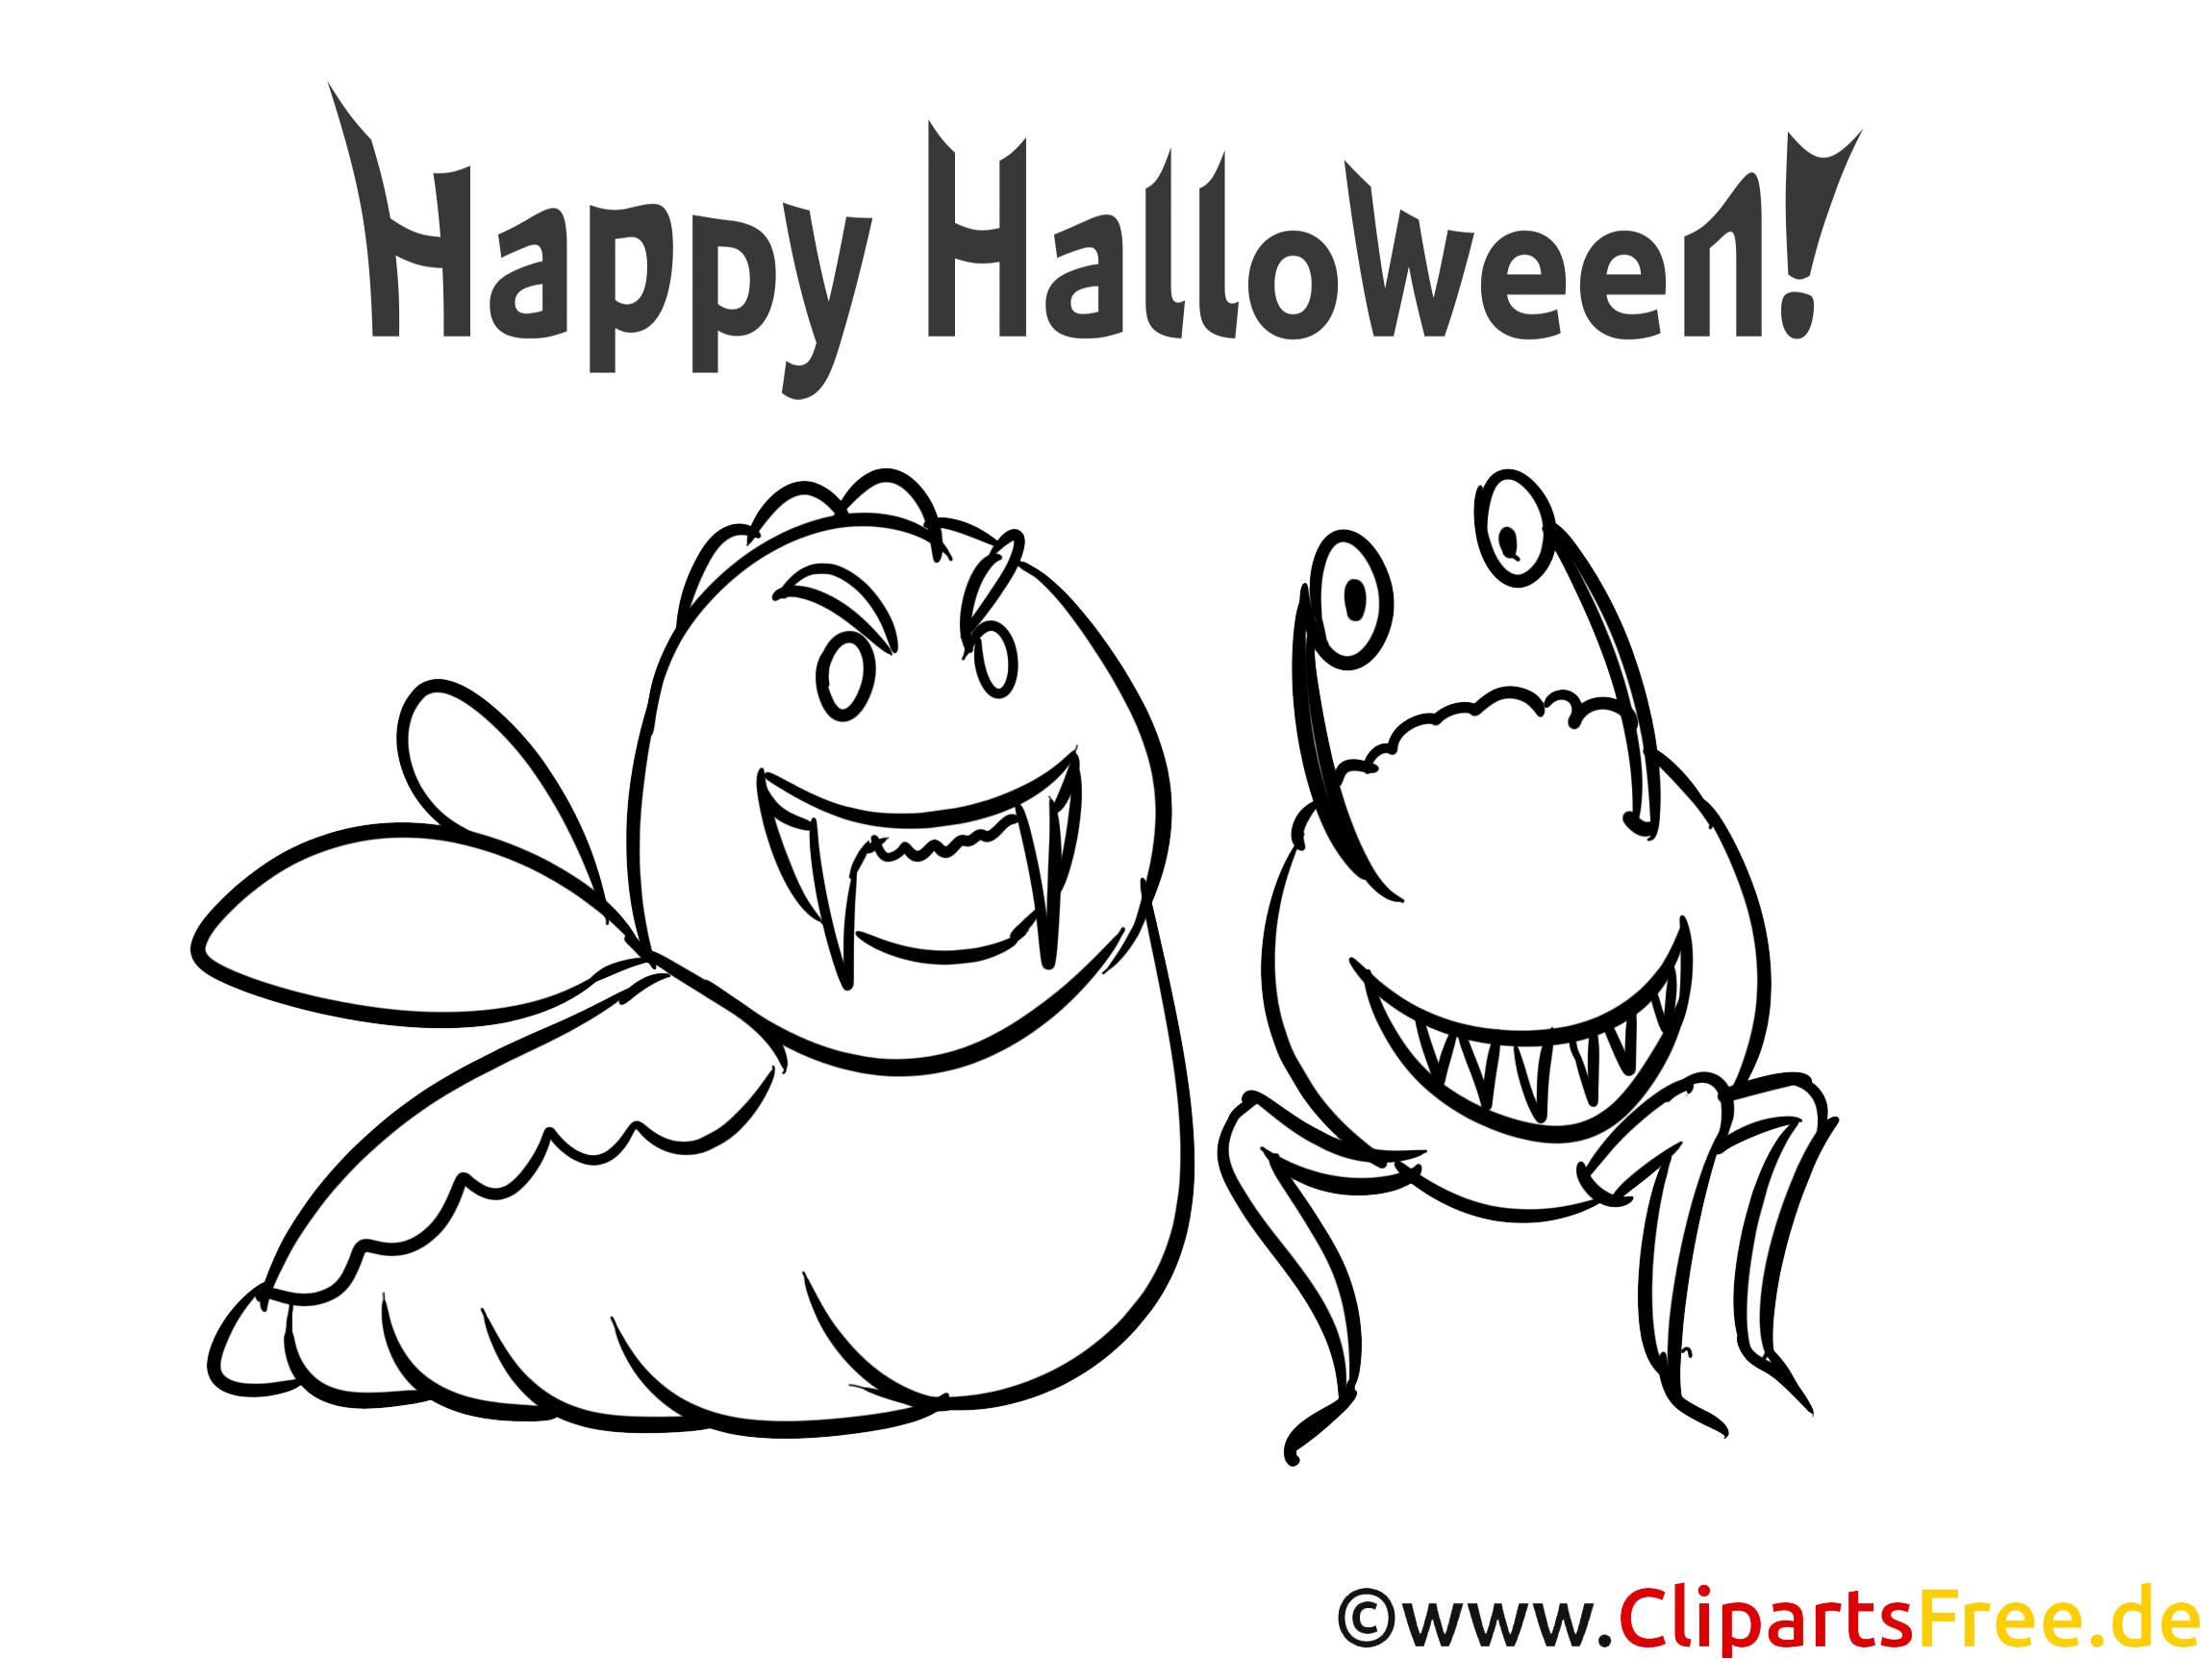 Witzige Figuren zu Halloween Bilder zum Malen